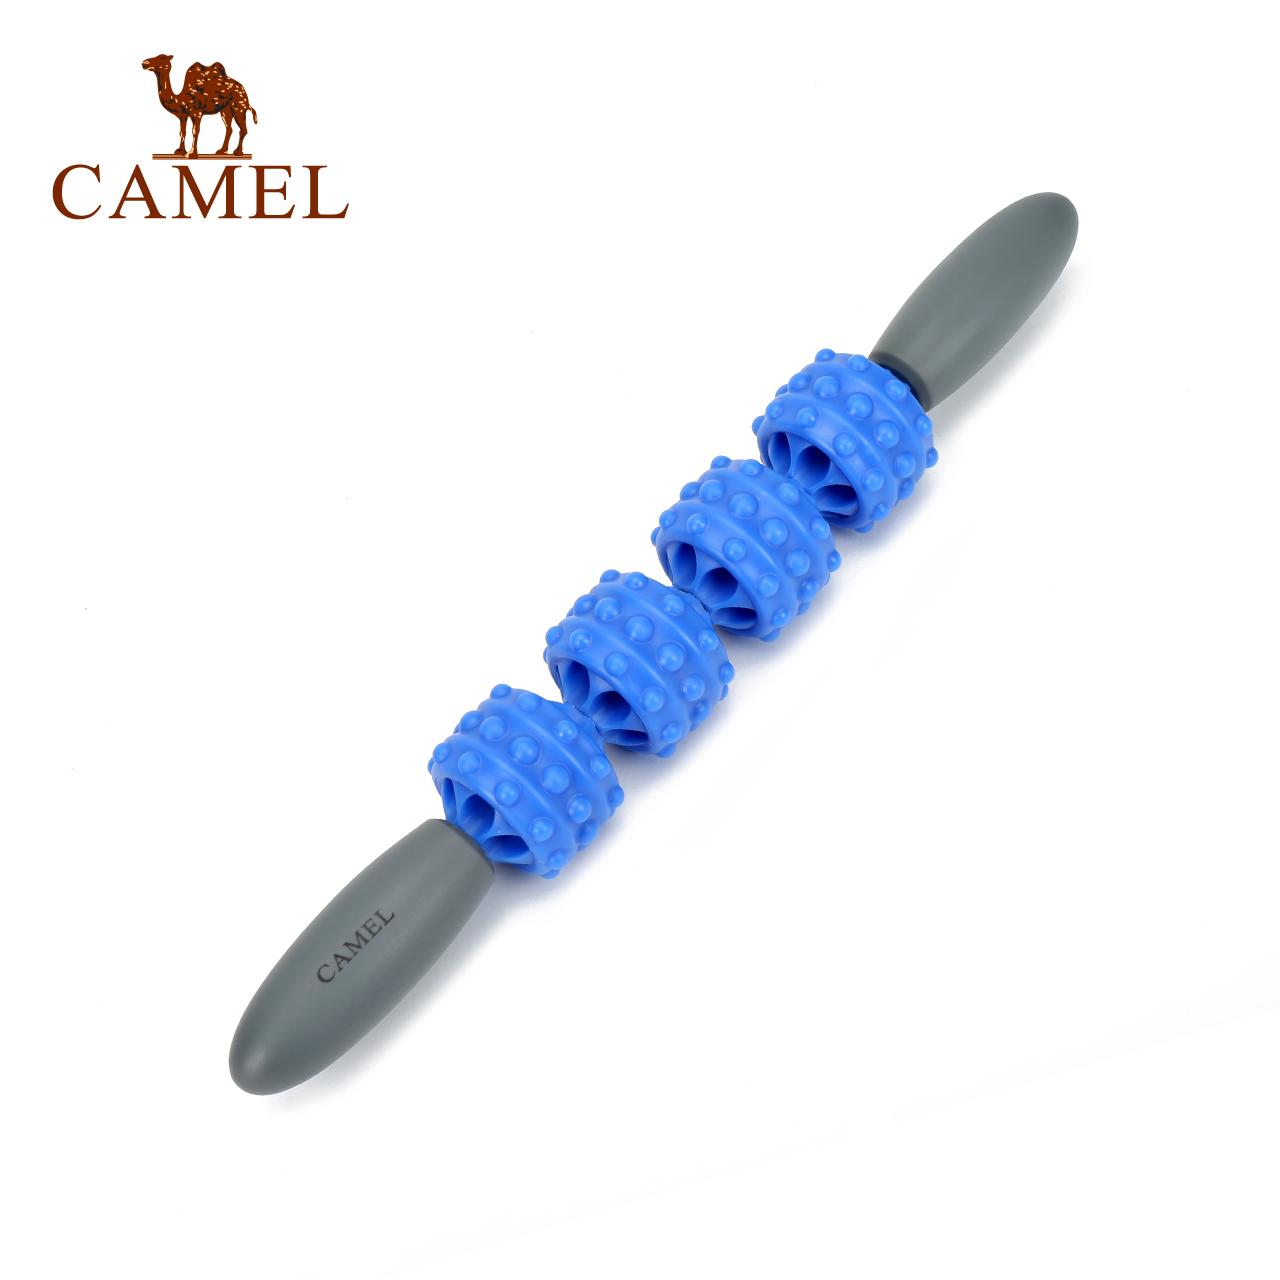 CAMEL/ верблюд движение мышца релиз свободный вибраторы плечо шея талия нога массажеры фитнес палка